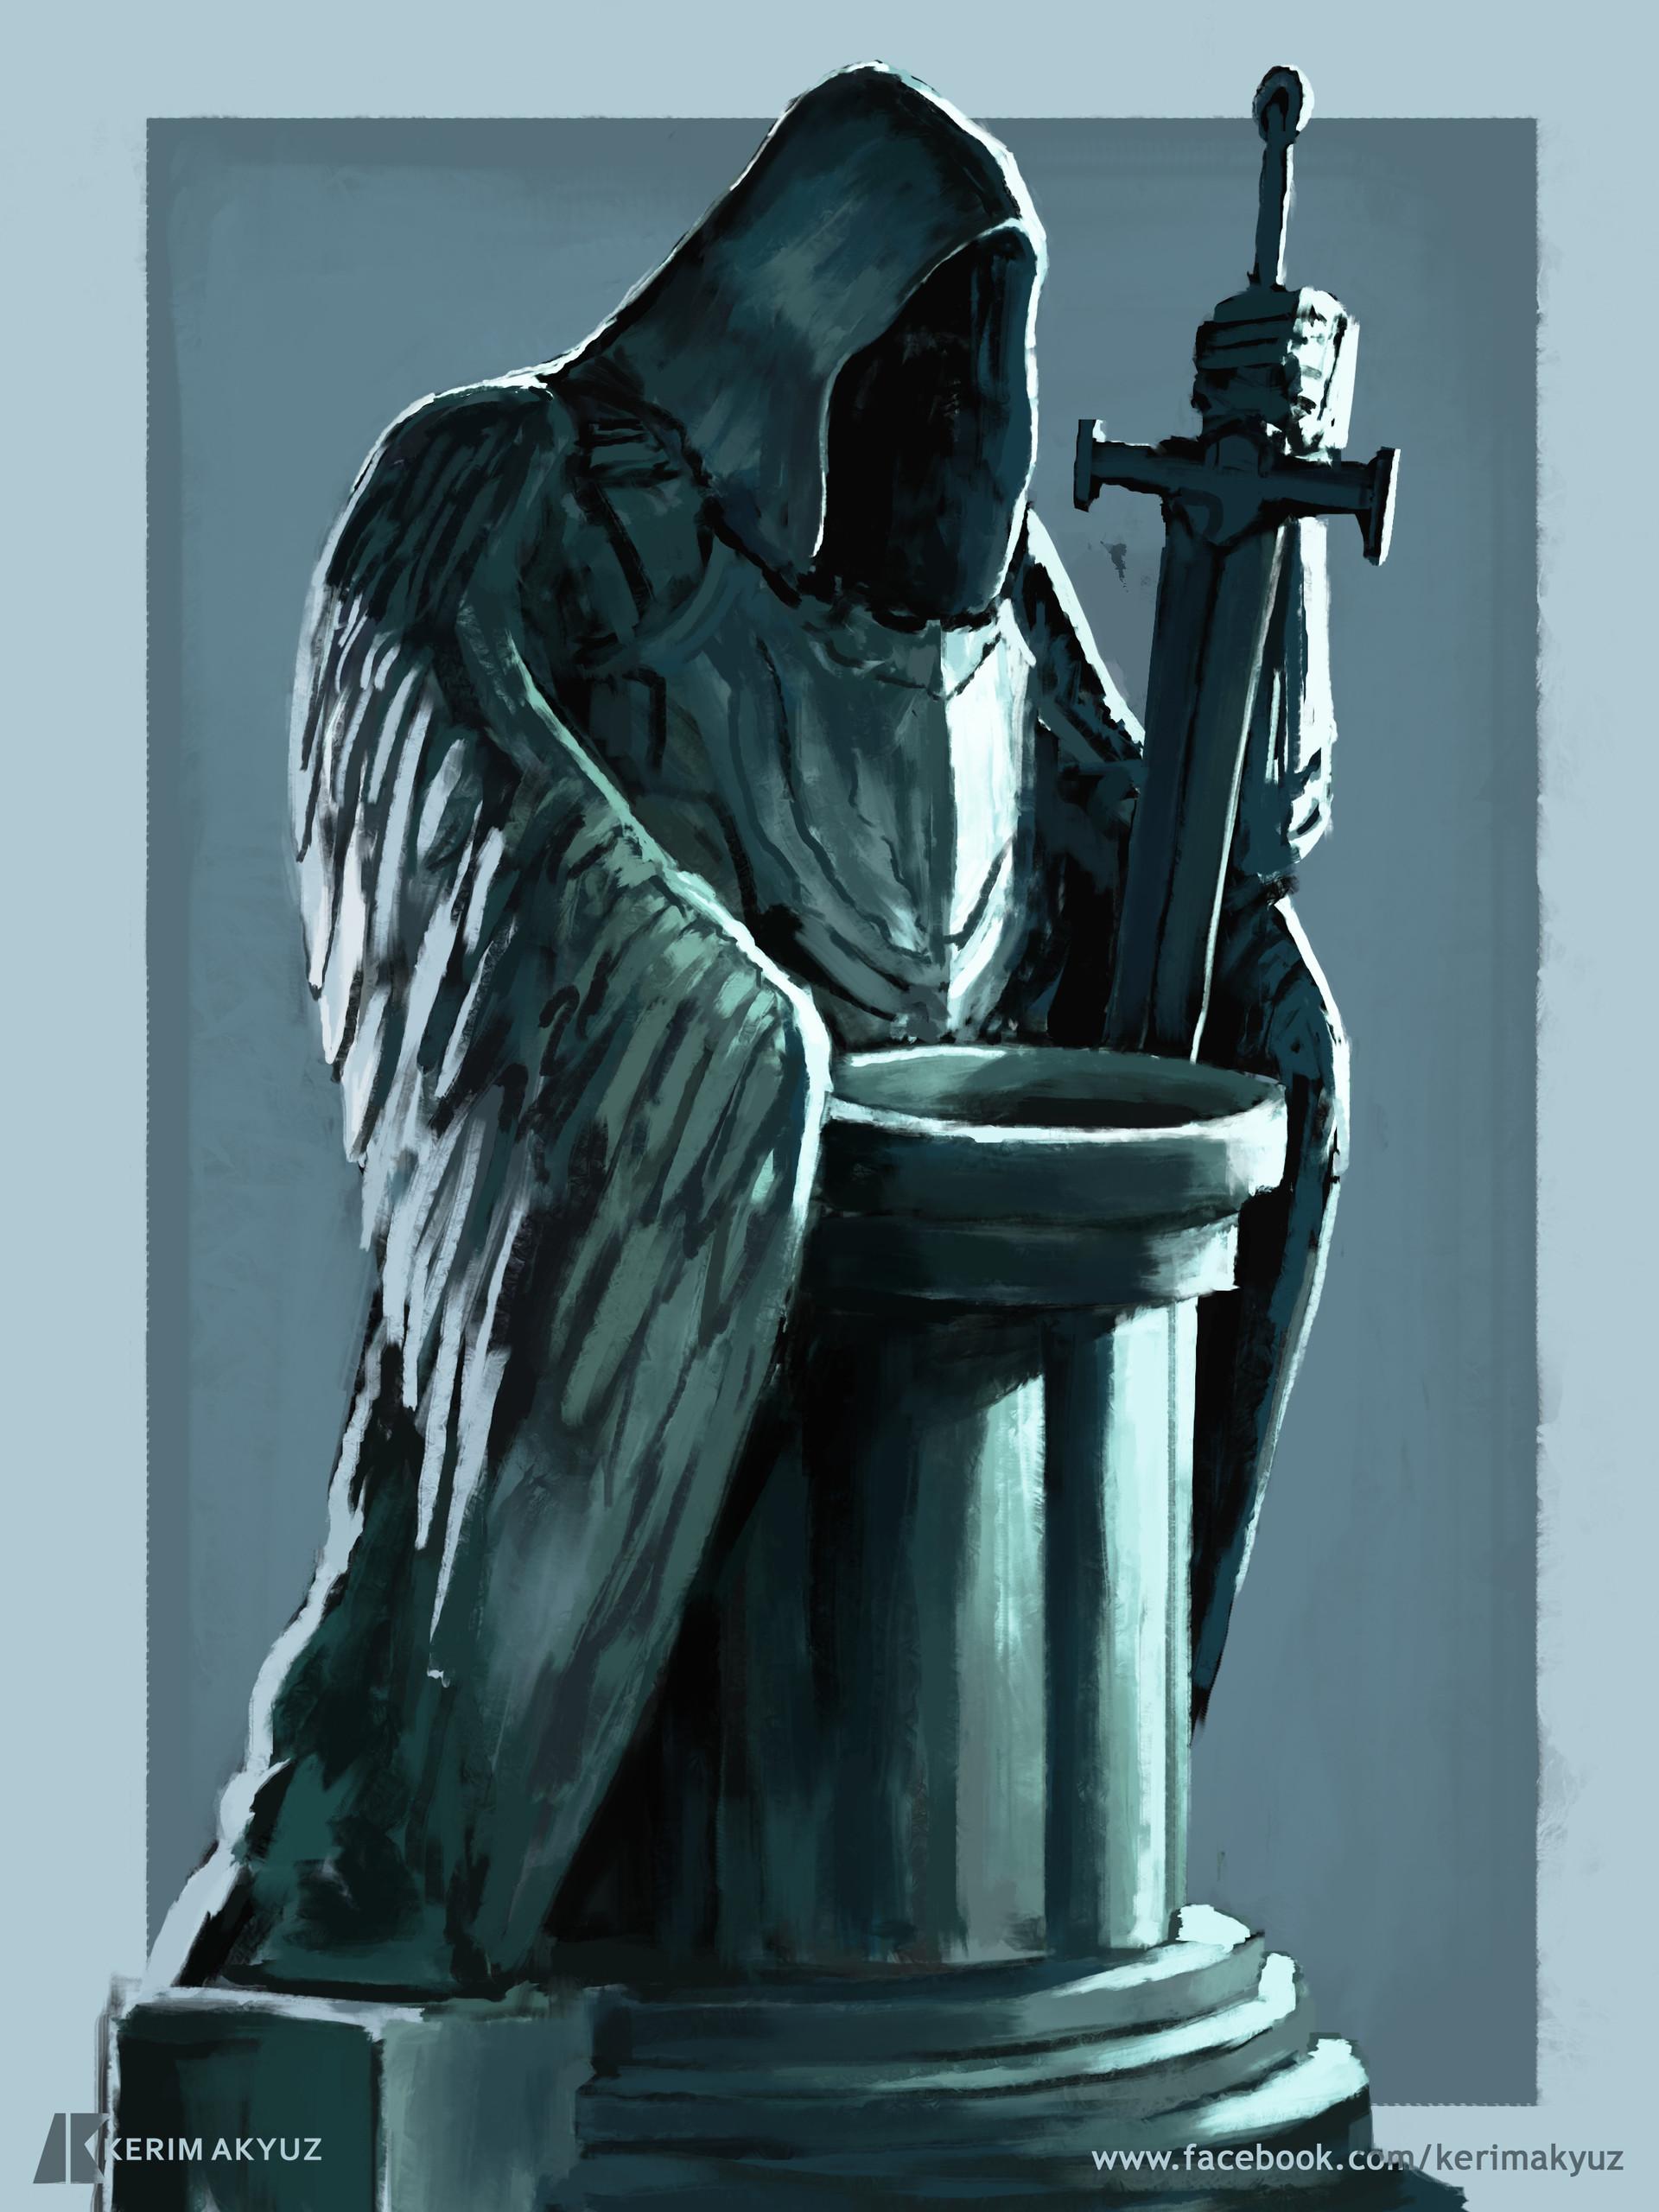 Kerim akyuz 274 archangelbasin